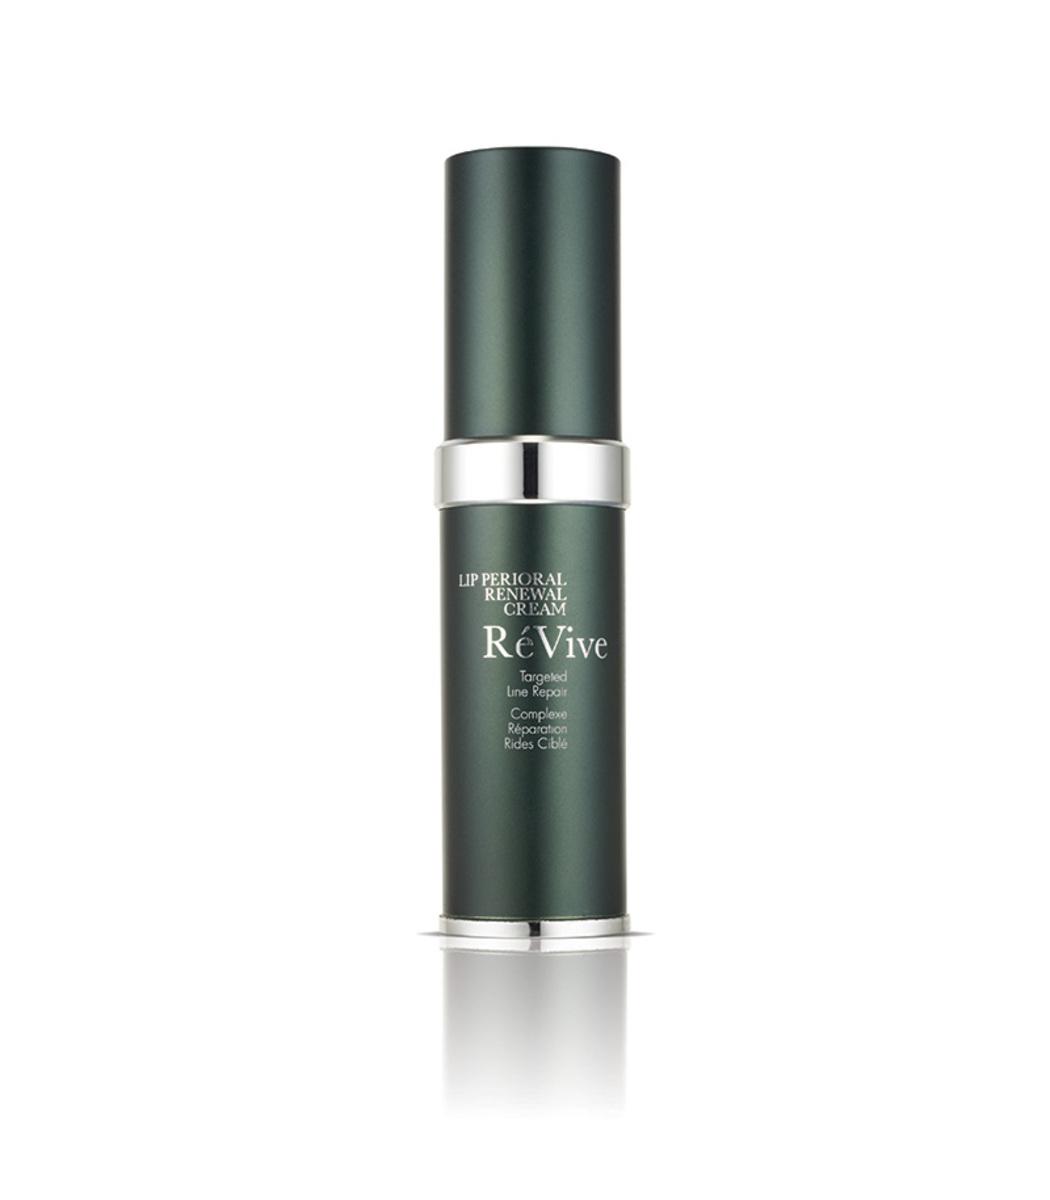 REVIVE Lip And Perioral Renewal Cream